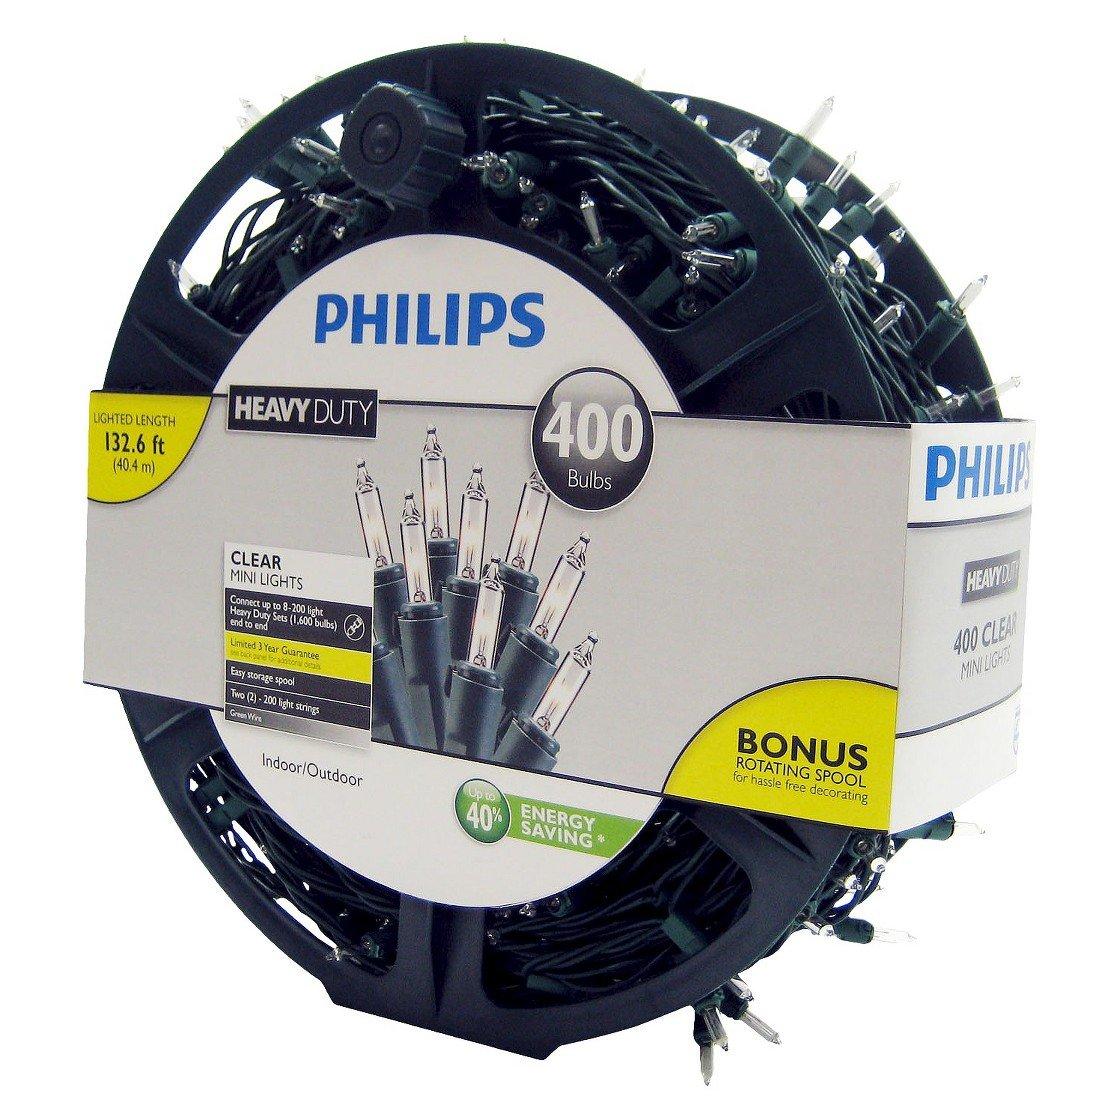 Amazon.com Philips Heavy Duty Clear Mini Lights 400 Bulbs Home u0026 Kitchen  sc 1 st  Amazon.com & Amazon.com: Philips Heavy Duty Clear Mini Lights 400 Bulbs: Home ...